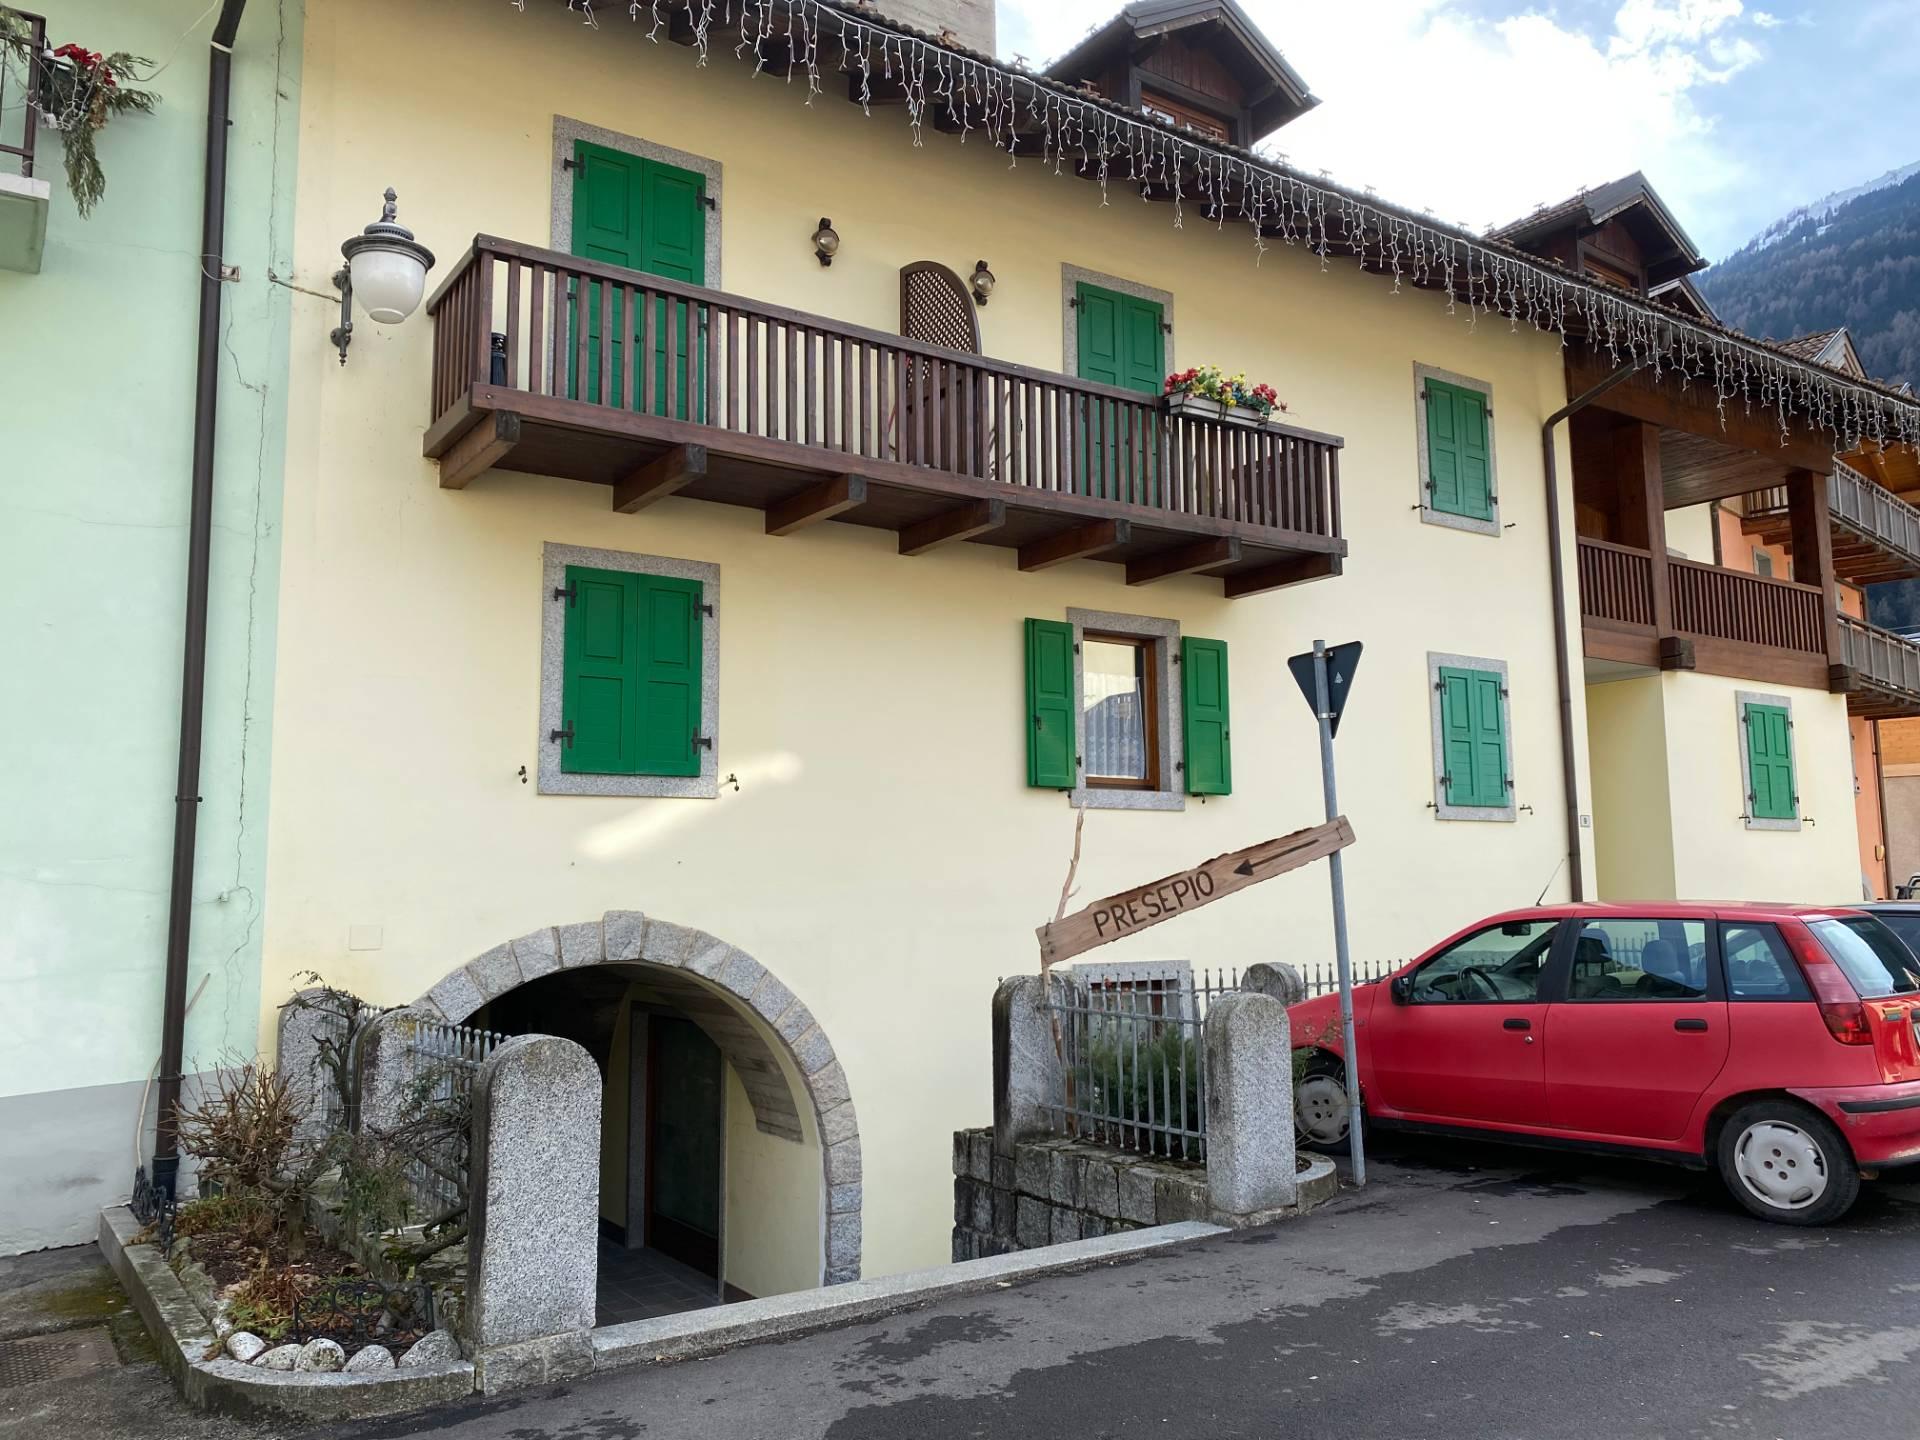 Negozio / Locale in vendita a Pinzolo, 9999 locali, prezzo € 202.500 | CambioCasa.it